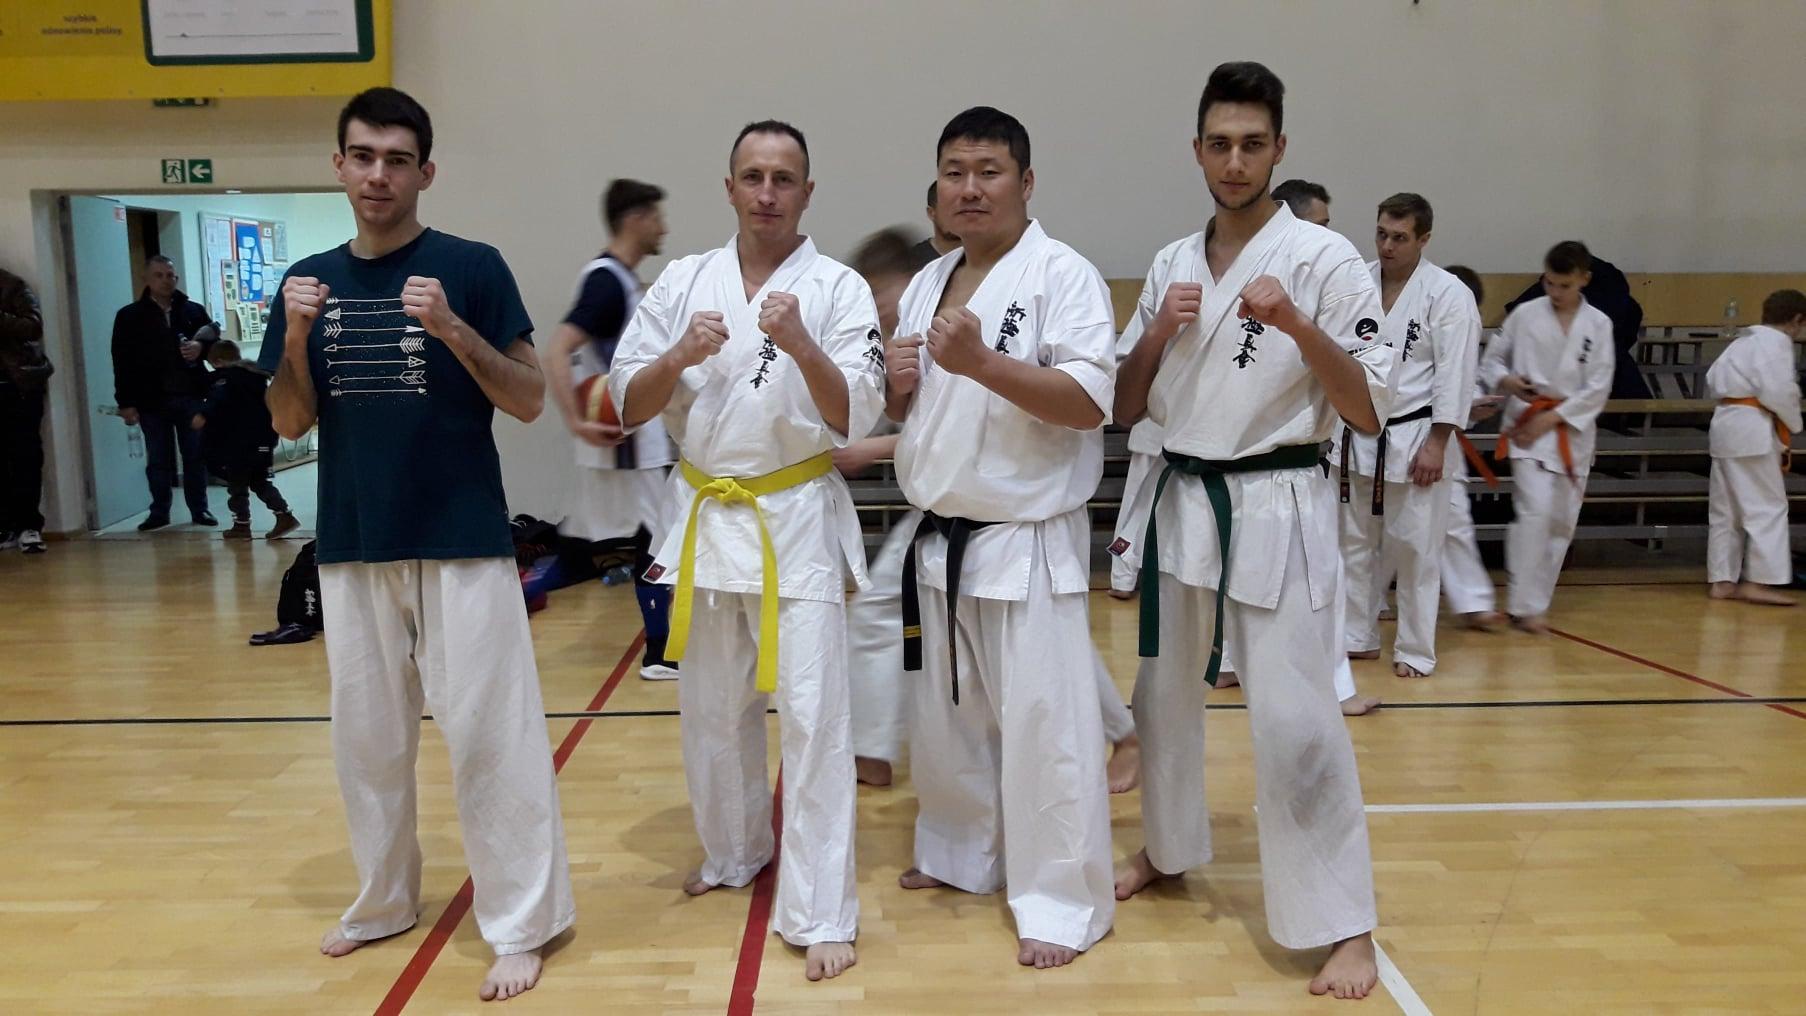 Trening z Mistrzem Świata Takayuki Tsukagoshi.